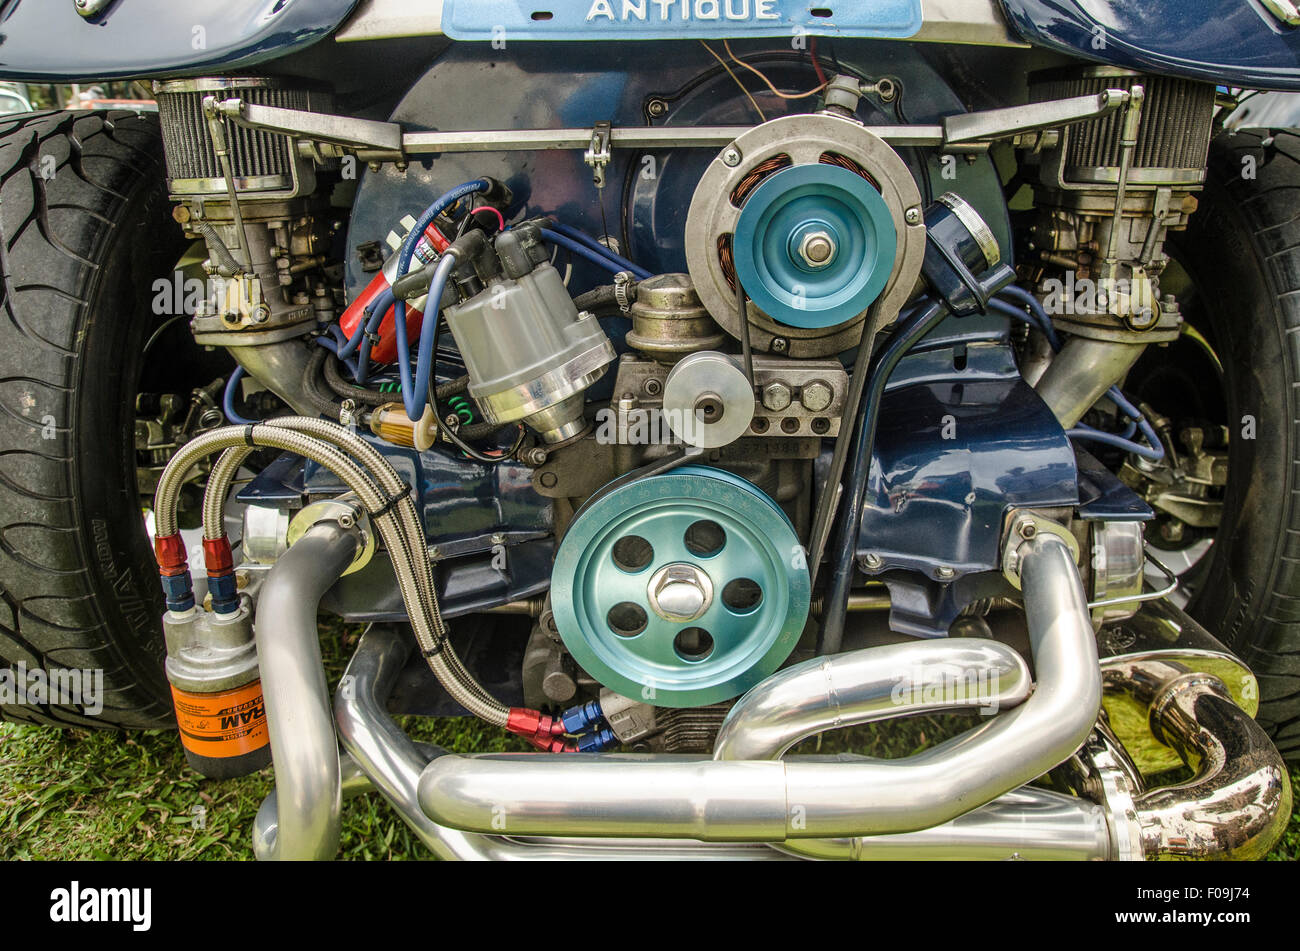 Closeup image of yellow antique car at car show Stock Photo ...